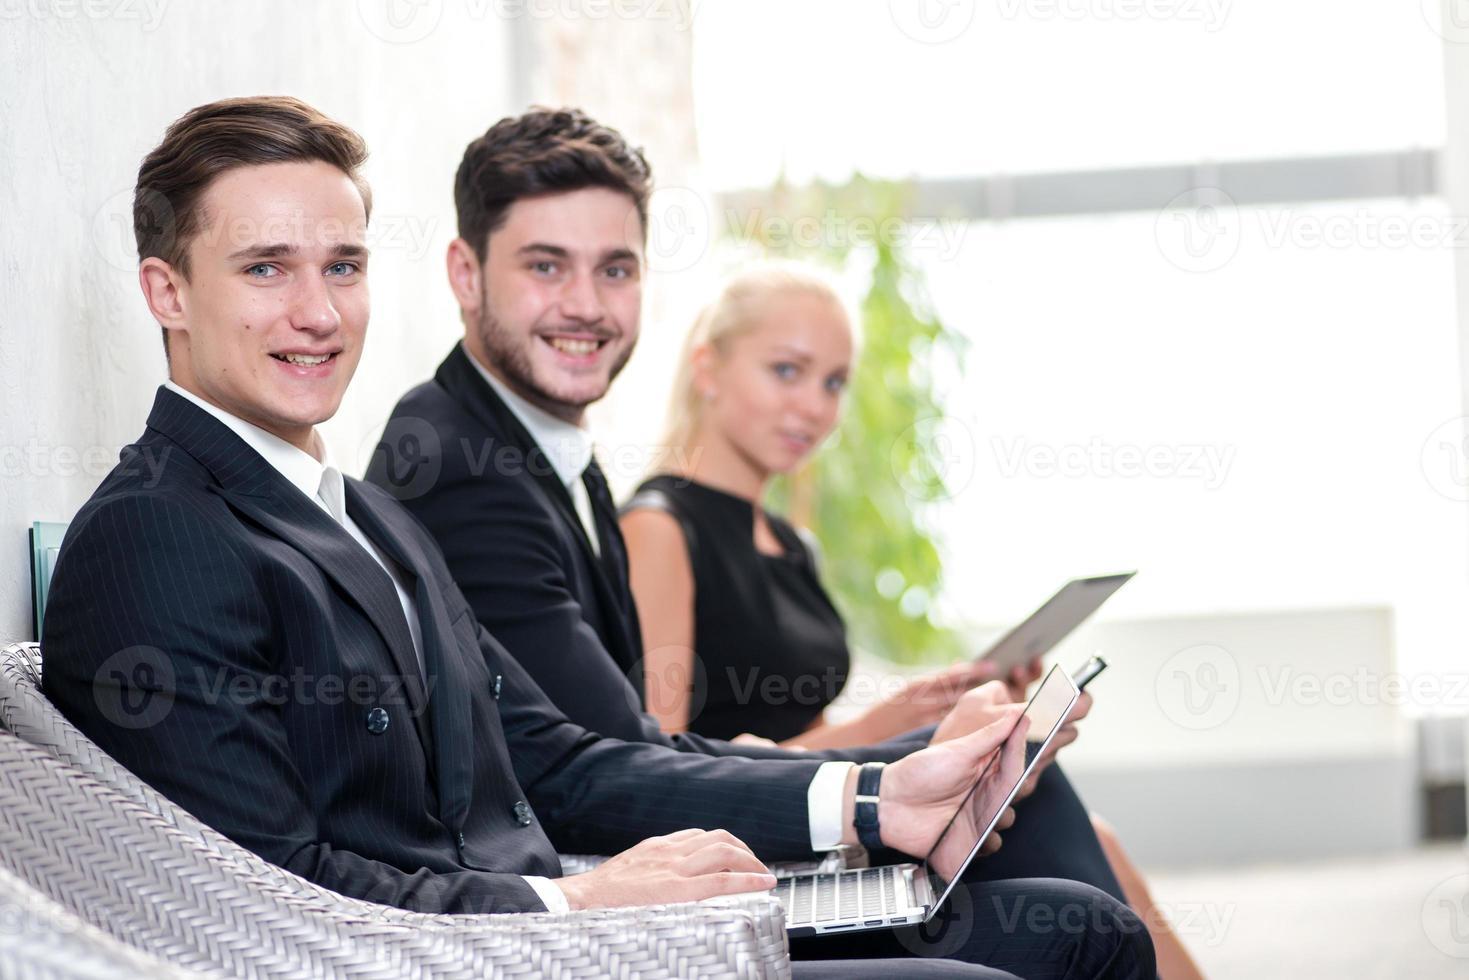 candidatos a emprego. três pessoas em trajes formais esperando no escritório foto